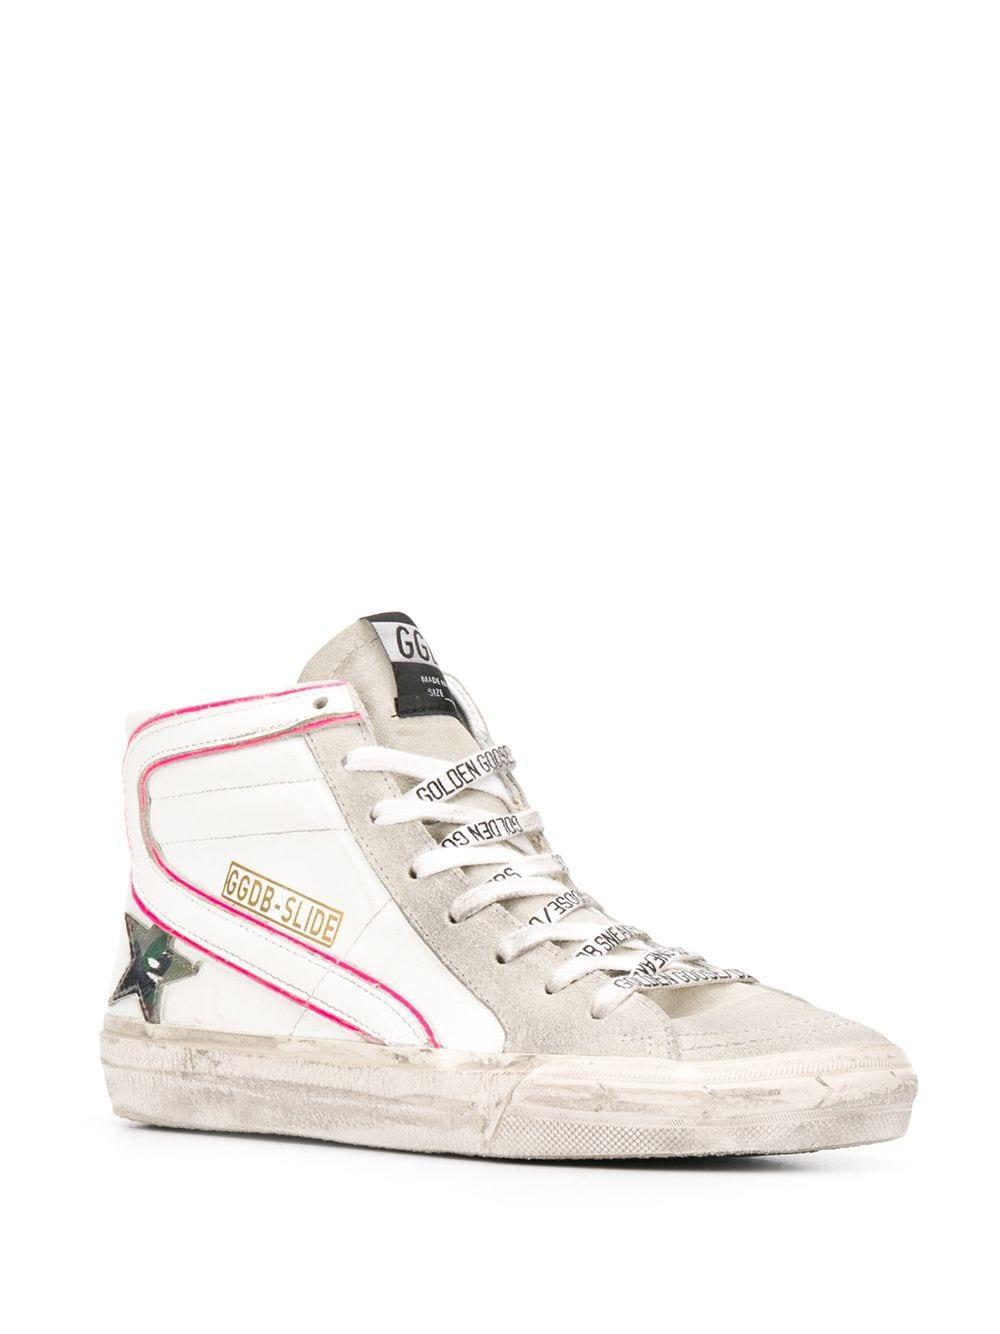 Zapatillas altas Slide Golden Goose Deluxe Brand de Cuero de color Blanco